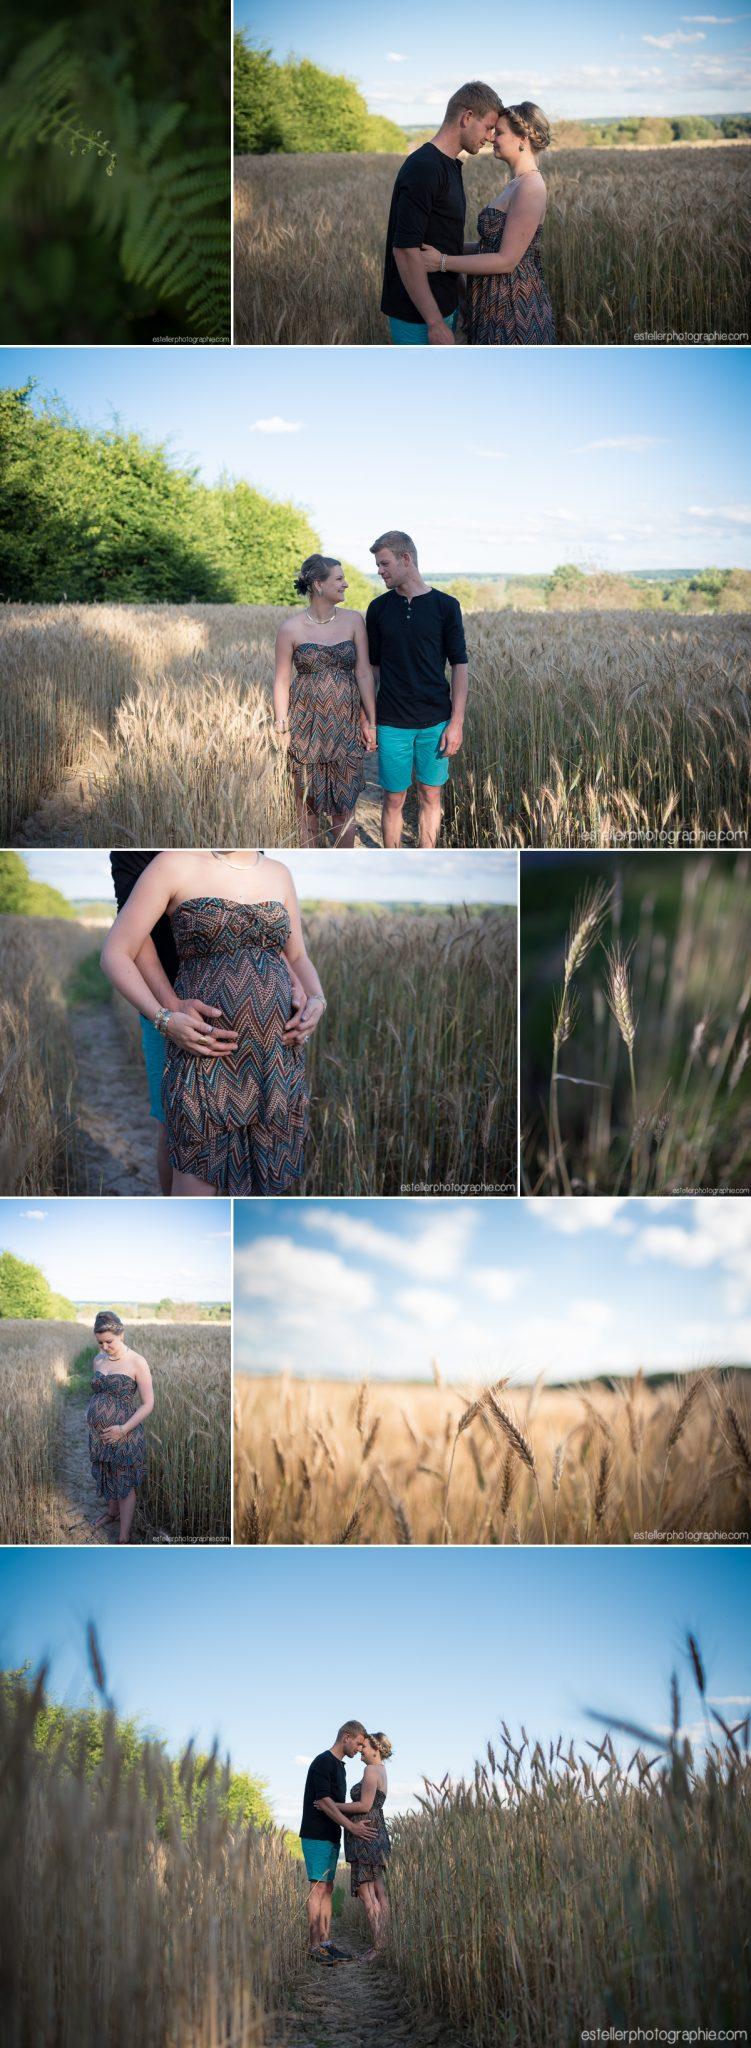 séance photo grossesse maternité fougerolles 70